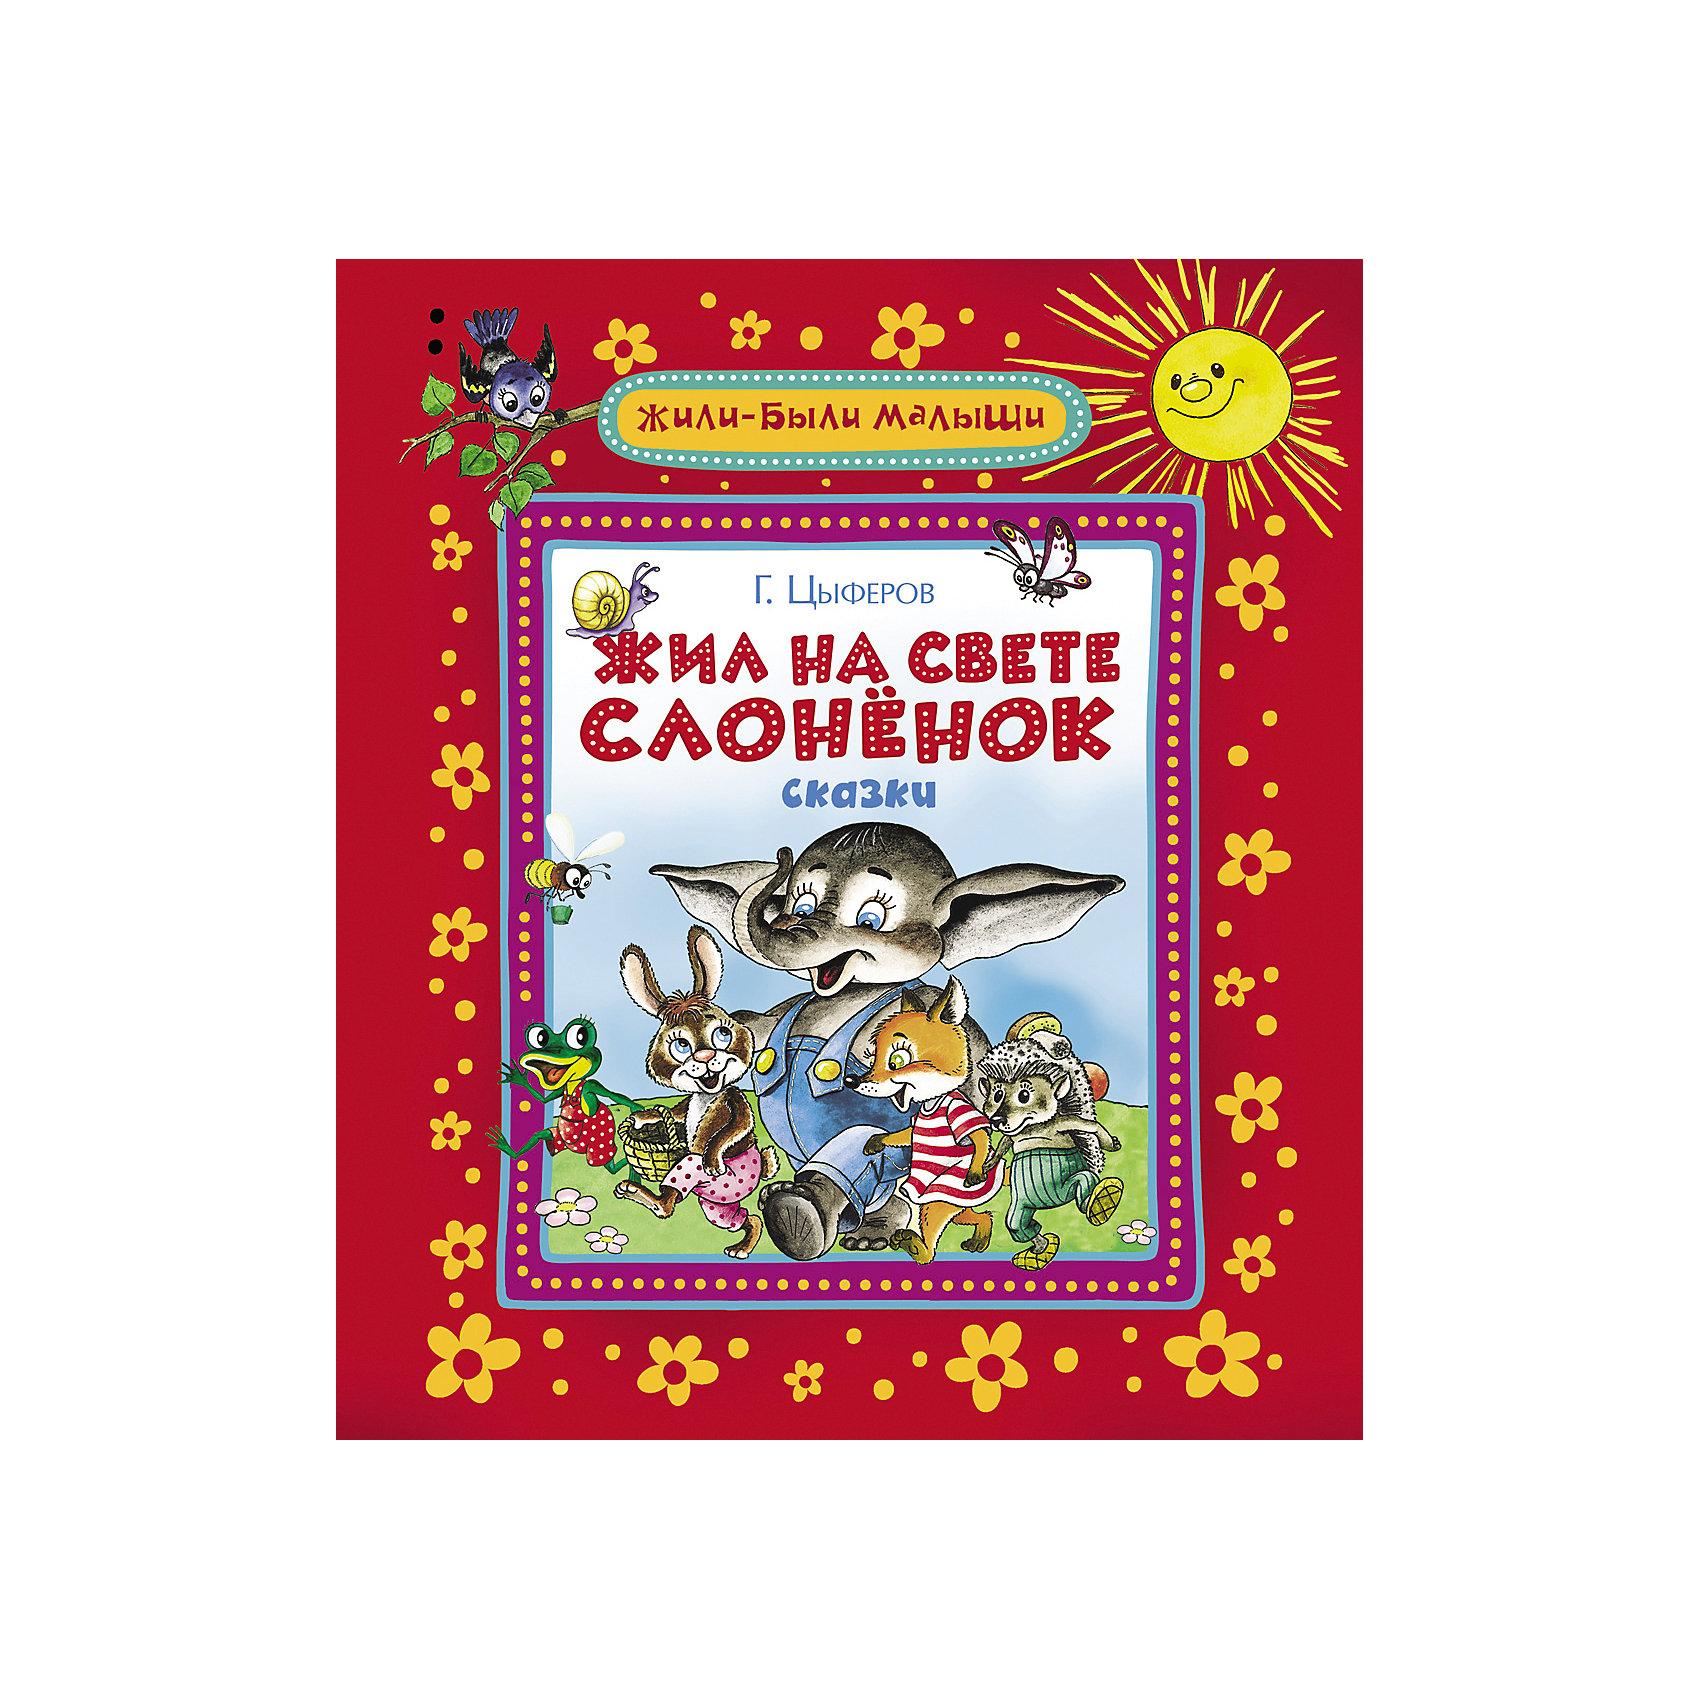 Сборник сказок Жил на свете слоненок, Г. Цыферов, Жили-были малышиСборник Г. Цыферова Жил на свете слоненок с занимательными и поучительными историями увлечет Вашего ребенка и поможет привить ему любовь к чтению. В книгу вошли самые известные сказки замечательного детского писателя Геннадия Цыферова, такие как Паровозик из<br>Ромашково, Про слонёнка и медвежонка, Пароходик и многие другие. Тексты сопровождаются красочными цветными иллюстрациями, которые ребенок с интересом будет рассматривать. <br><br>Дополнительная информация:<br><br>- Авторы: Г. Цыферов.<br>- Художник: В. Кастальский.<br>- Серия: Жили-были малыши.<br>- Обложка: твердая.<br>- Иллюстрации: цветные.<br>- Объем: 48 стр.<br>- Размер: 24 x 0,7 x 20 см.<br>- Вес: 0,28 кг.<br><br>Книгу Жил на свете слоненок, Г. Цыферов, Росмэн, можно купить в нашем интернет-магазине.<br><br>Ширина мм: 240<br>Глубина мм: 200<br>Высота мм: 7<br>Вес г: 280<br>Возраст от месяцев: 36<br>Возраст до месяцев: 2147483647<br>Пол: Унисекс<br>Возраст: Детский<br>SKU: 4720548